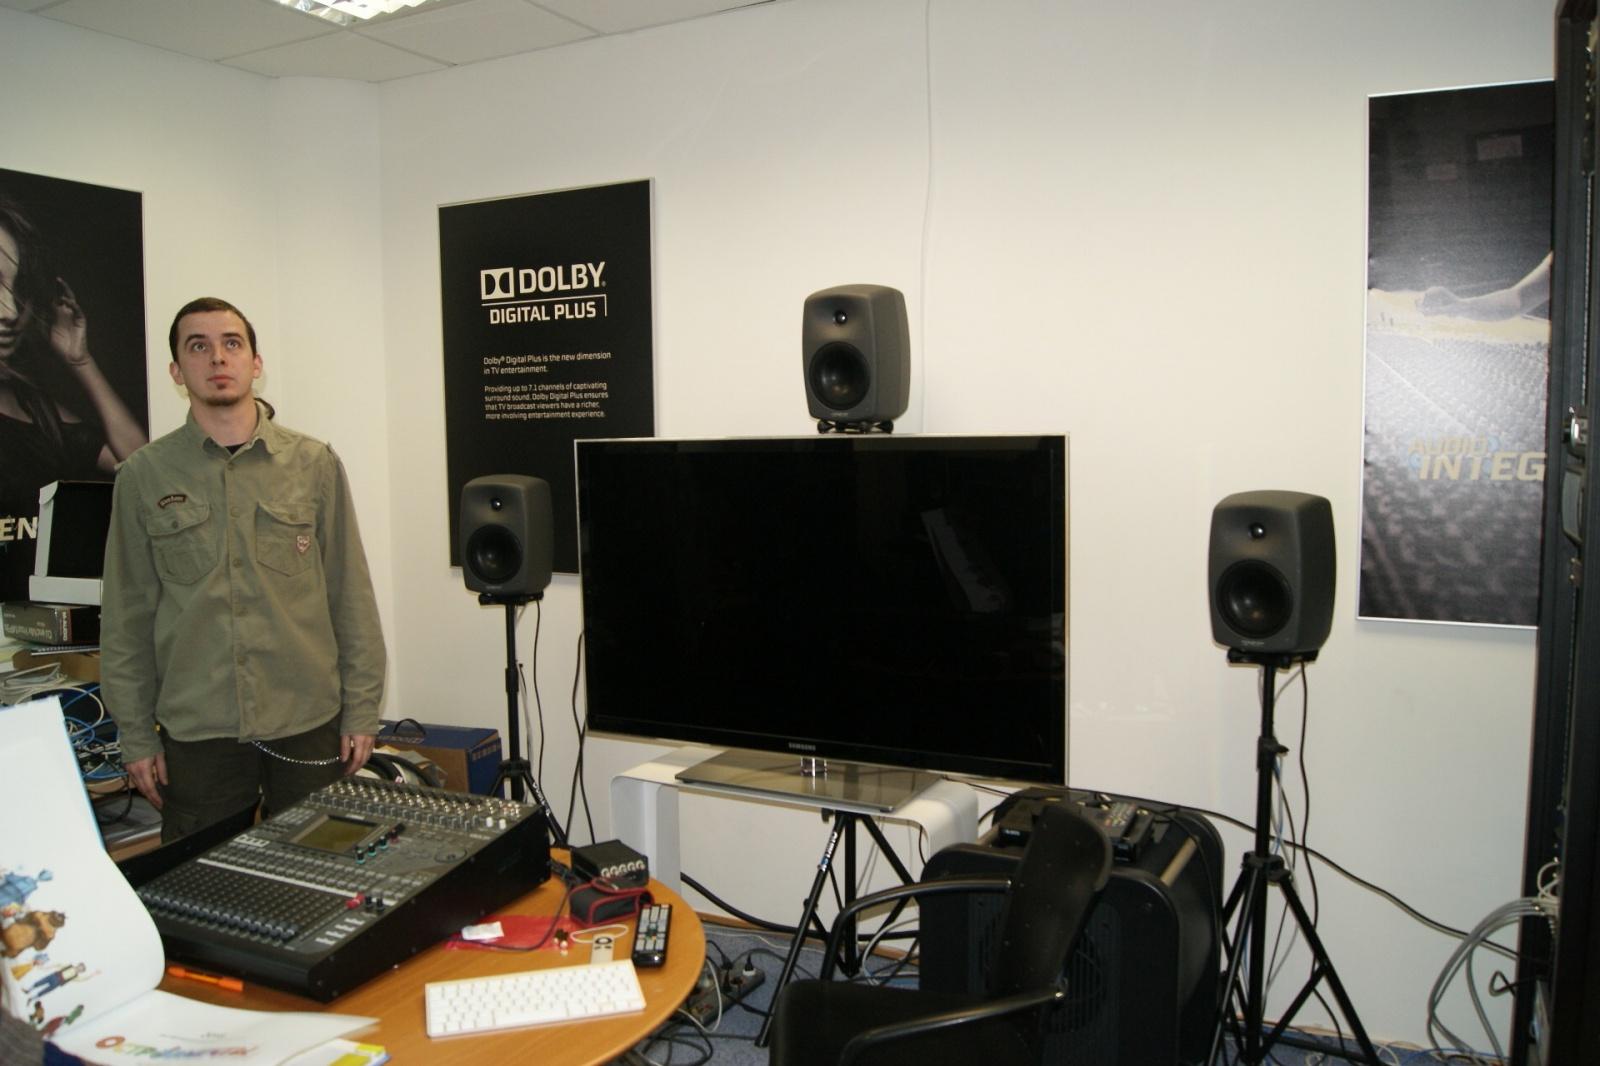 Эксклюзивно для Geektimes: интервью с генеральным директором и инженером по кинотехнологиям Dolby в России и СНГ - 12